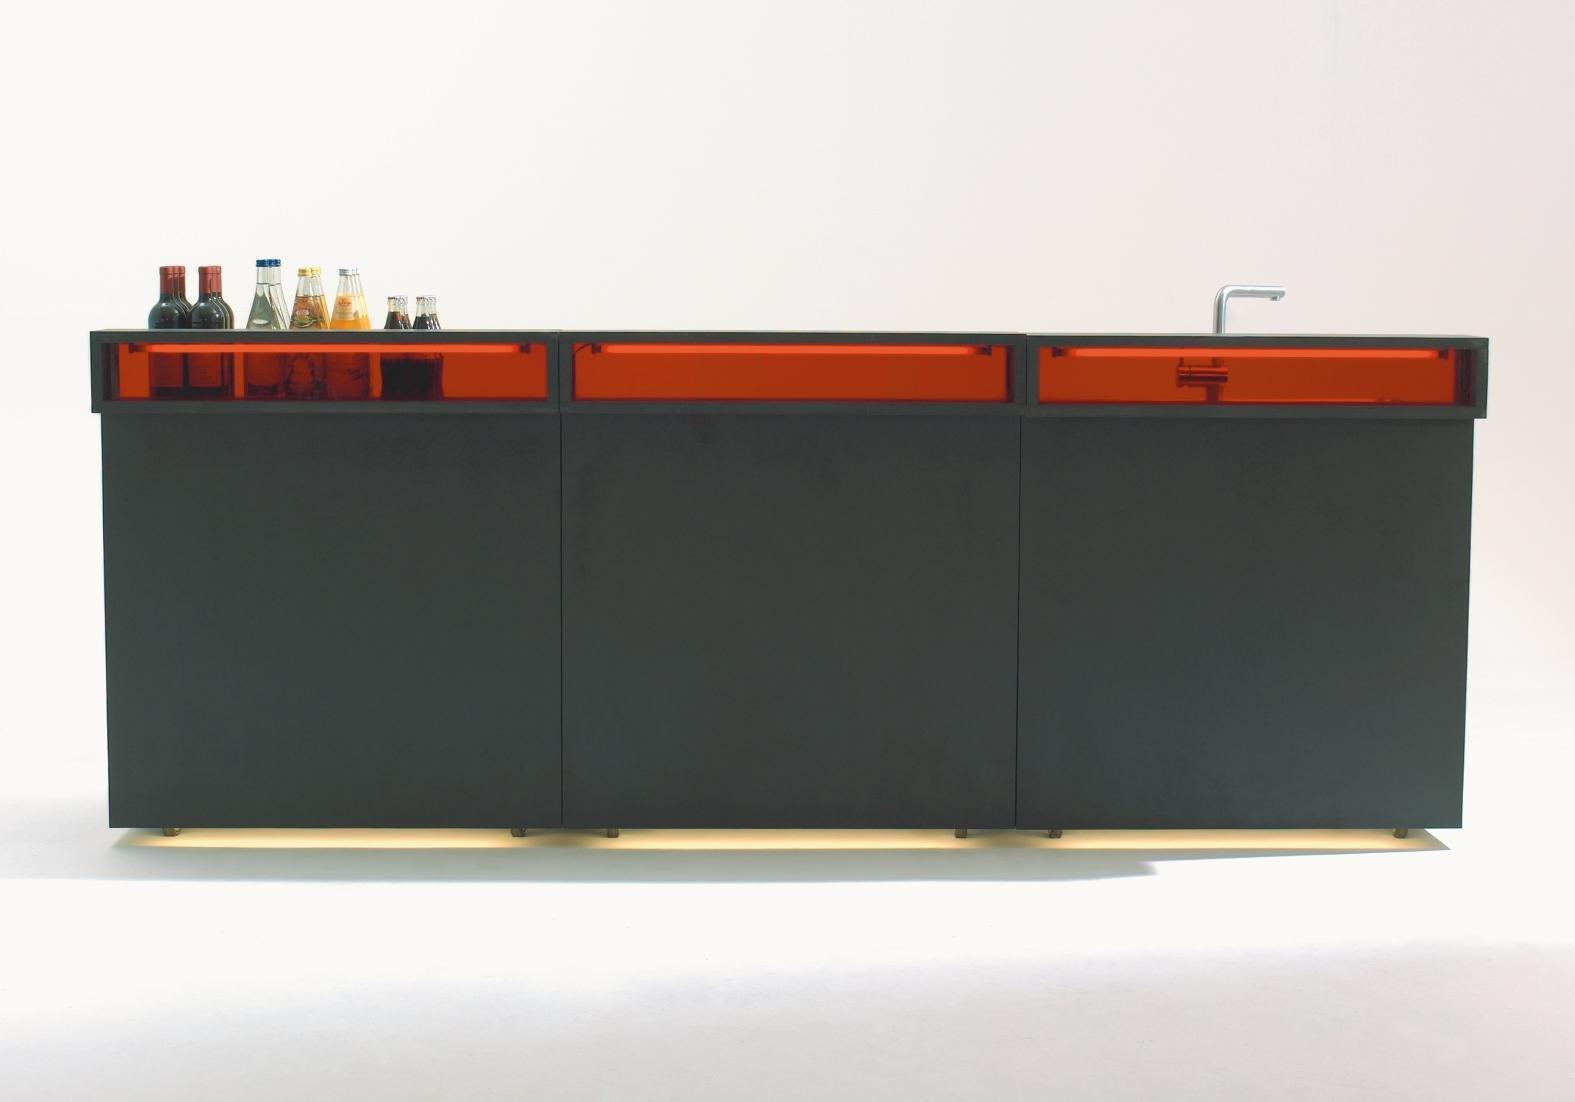 Entwurf einer mobilen Bar. wander[bar] - db deutsche bauzeitung